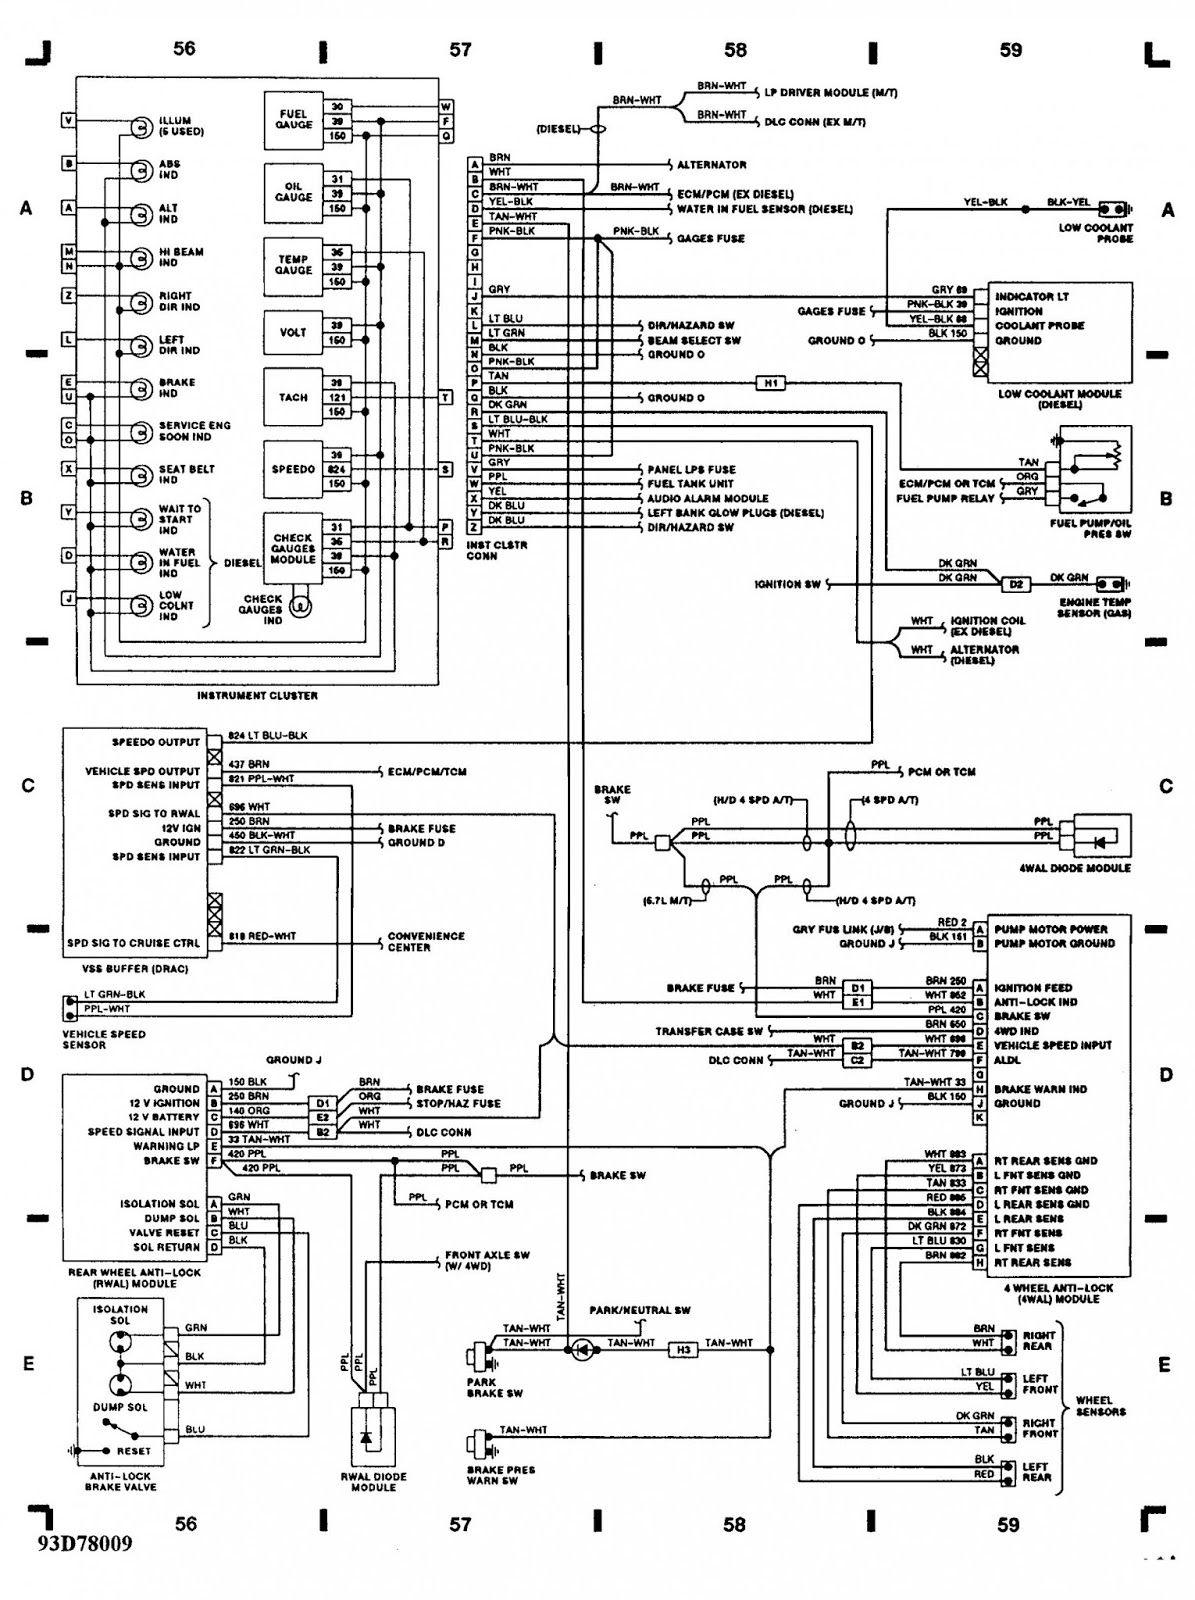 7 7 Vortec Engine Diagram Download Software Chevy S10 Toyota Corolla Chevy Silverado